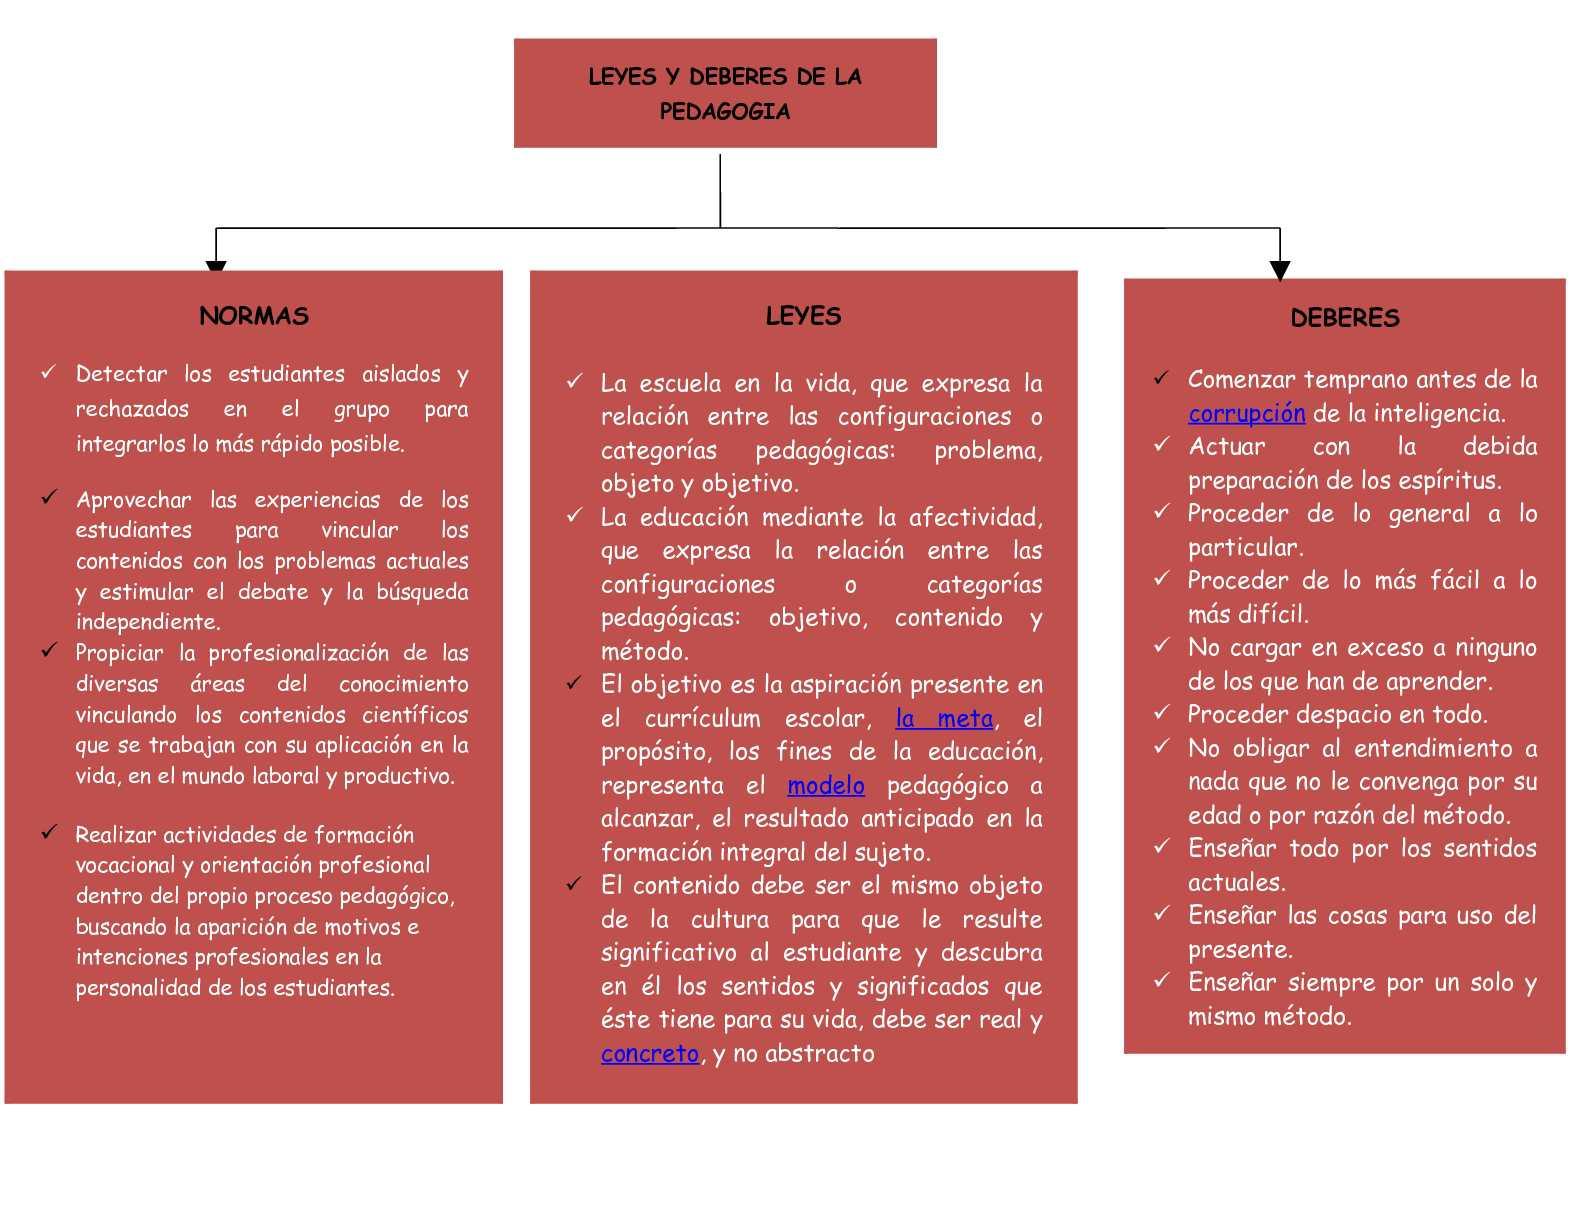 Calaméo - Leyes y normas pedagogicas